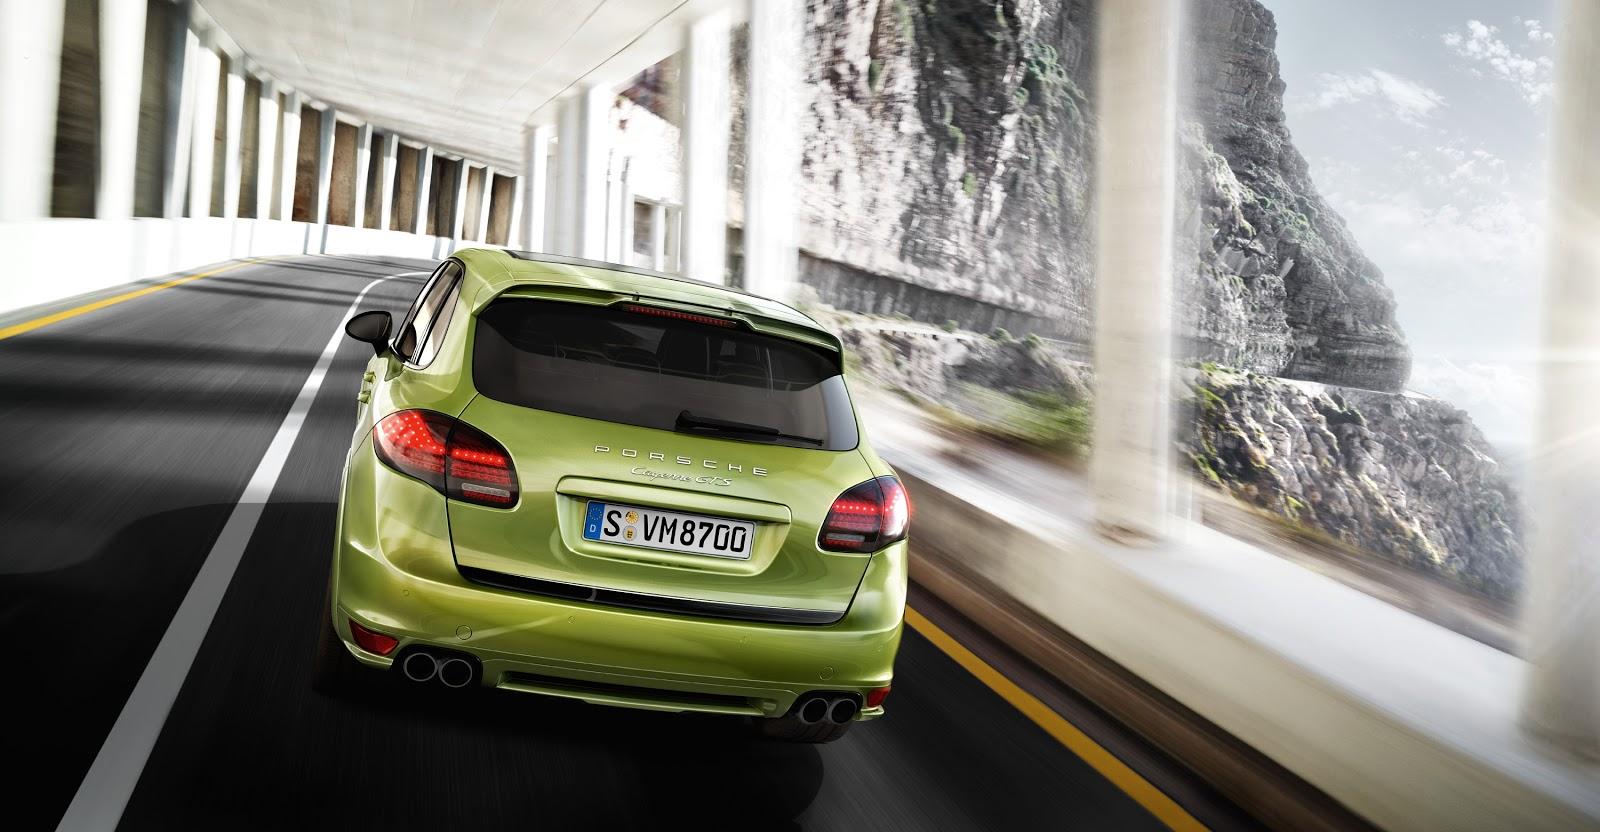 http://1.bp.blogspot.com/-KUmR4MnZ7ww/UHpoNACjZYI/AAAAAAAAFMA/OAZbK4eG5W0/s1600/2012-Porsche-Cayenne-GTS-Peridot-Metallic-Porsche-wallpaper_08.jpeg